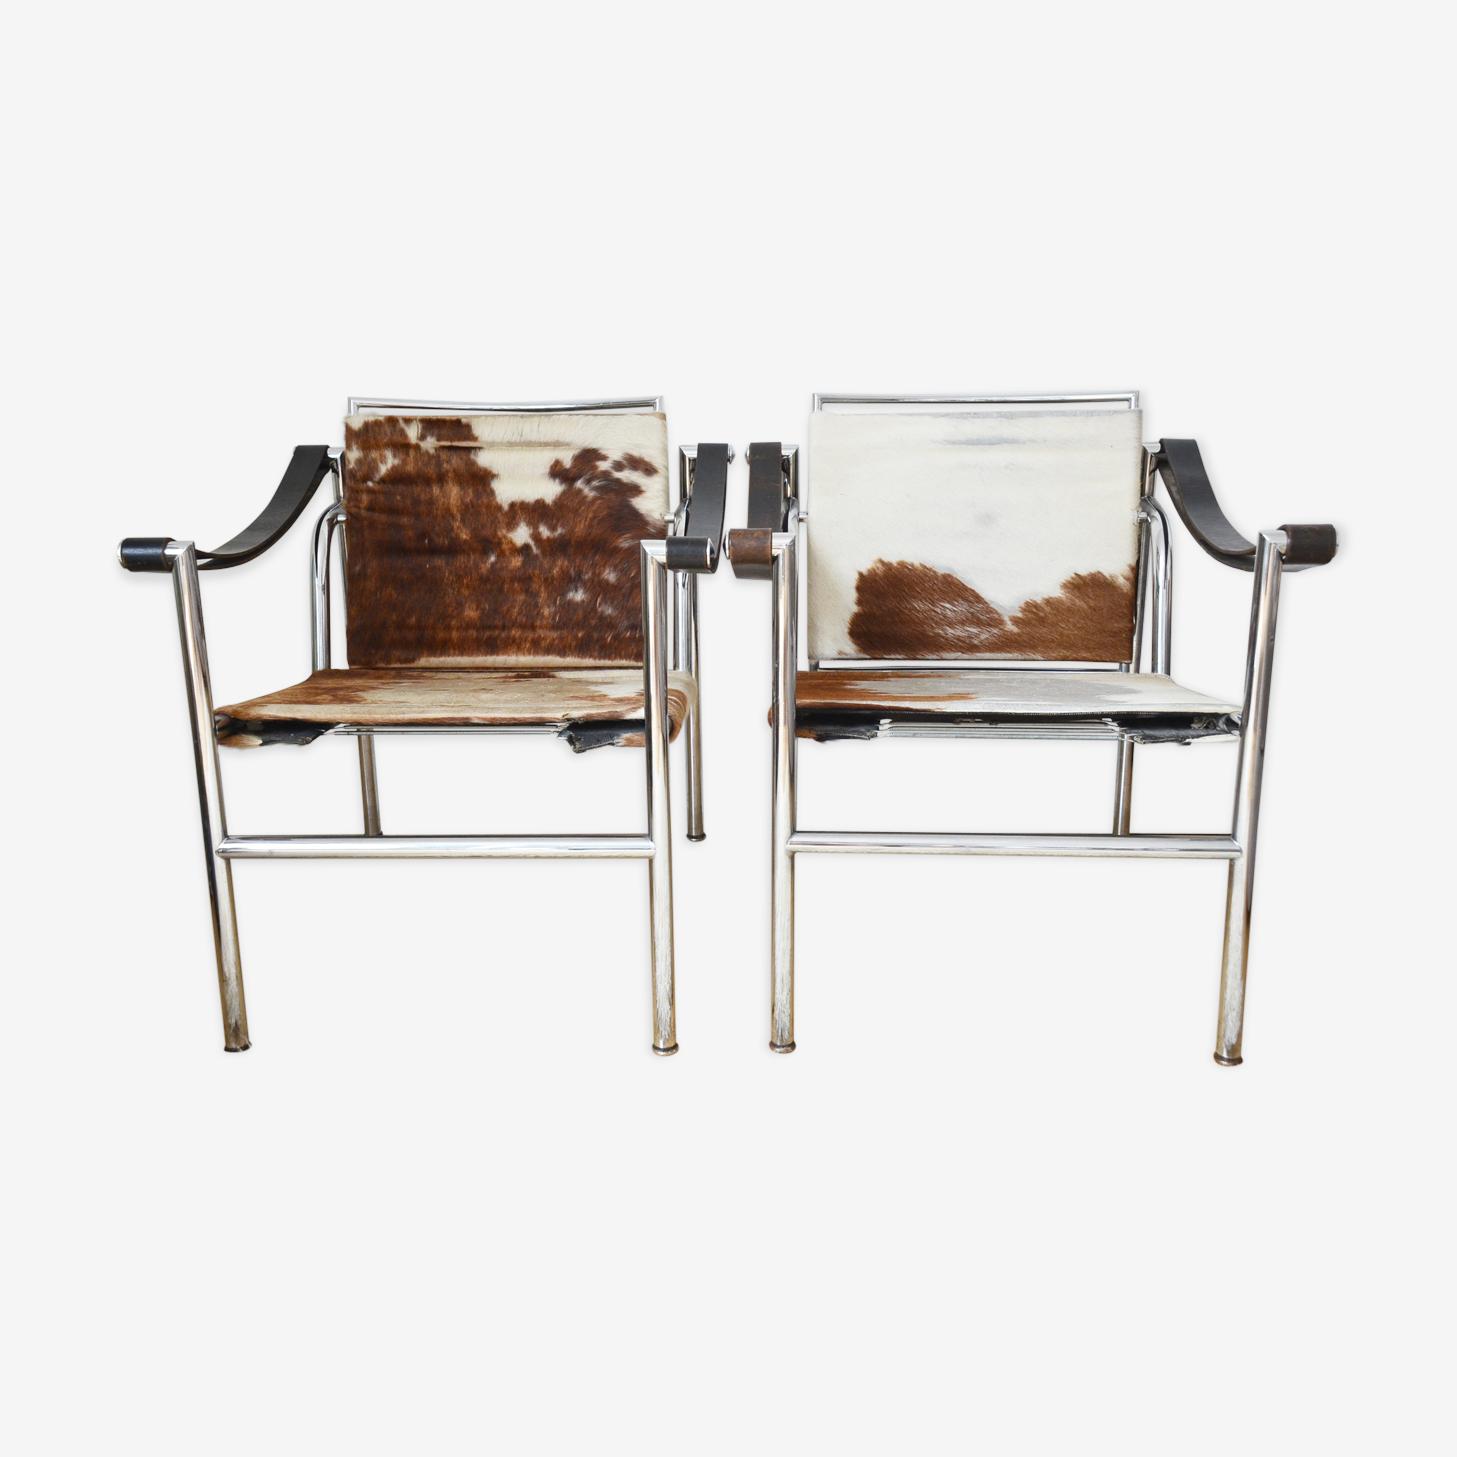 Paire de fauteuils LC1 Sling Chair Le Corbusier par Cassina de 1965